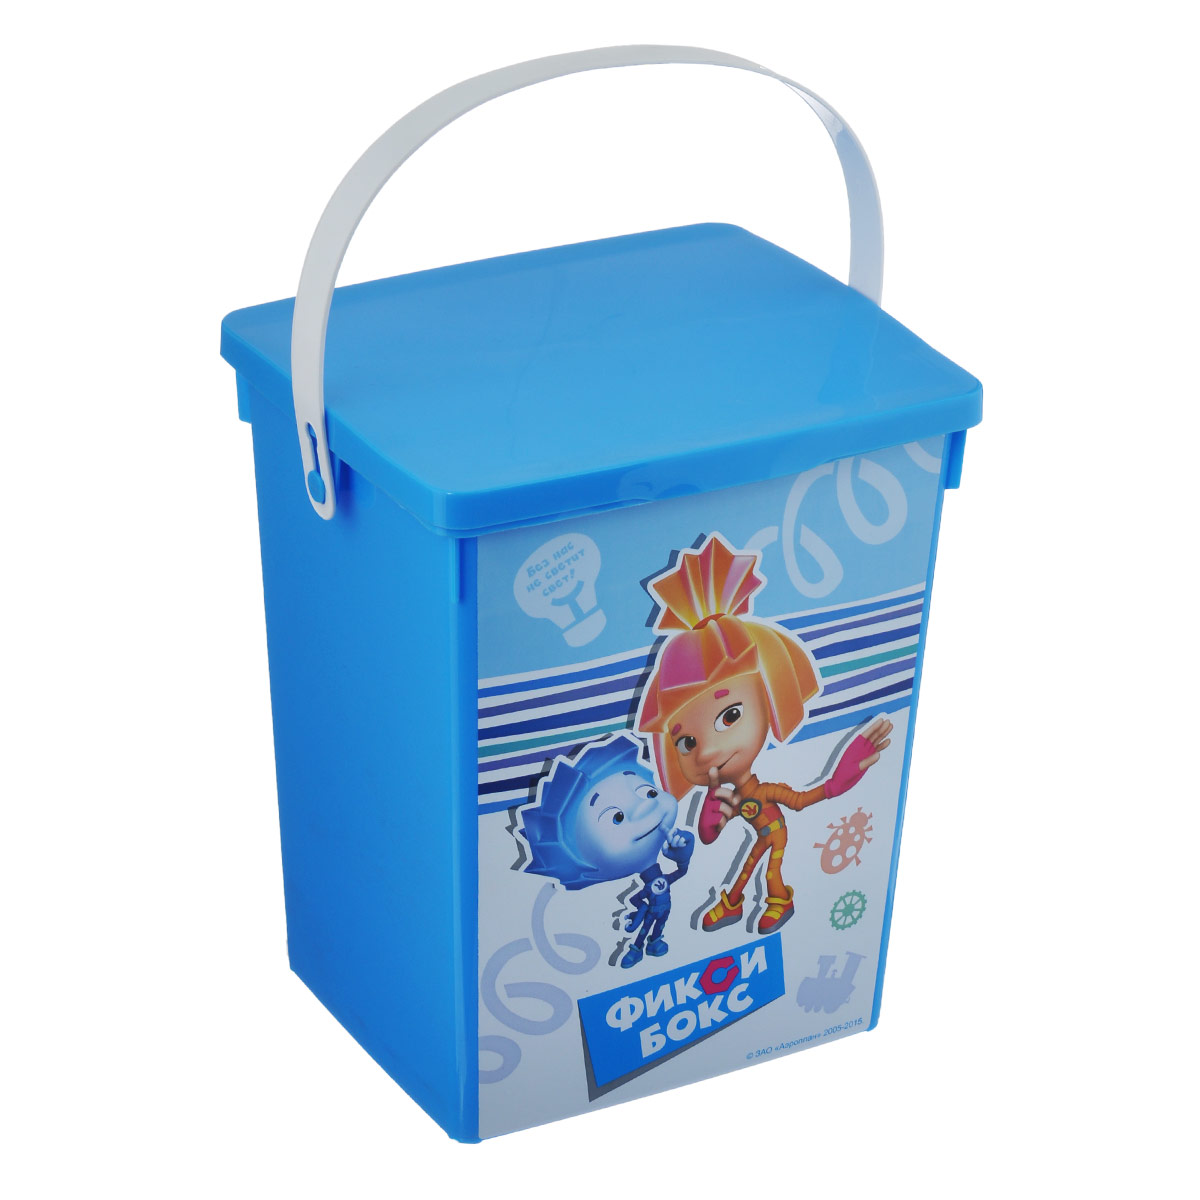 Контейнер для игрушек Полимербыт Фиксики, цвет: голубой, 5 л1004900000360Контейнер Полимербыт Фиксики выполнен из высококачественного цветного пластика и предназначен для хранения небольших игрушек. Контейнер декорирован красочным изображением героев одноименного мультика Фиксики. Для удобства переноски имеется специальная пластиковая ручка. Контейнер плотно закрывается крышкой. Контейнер Полимербыт Фиксики очень вместителен и поможет вам хранить все необходимые мелочи в одном месте.